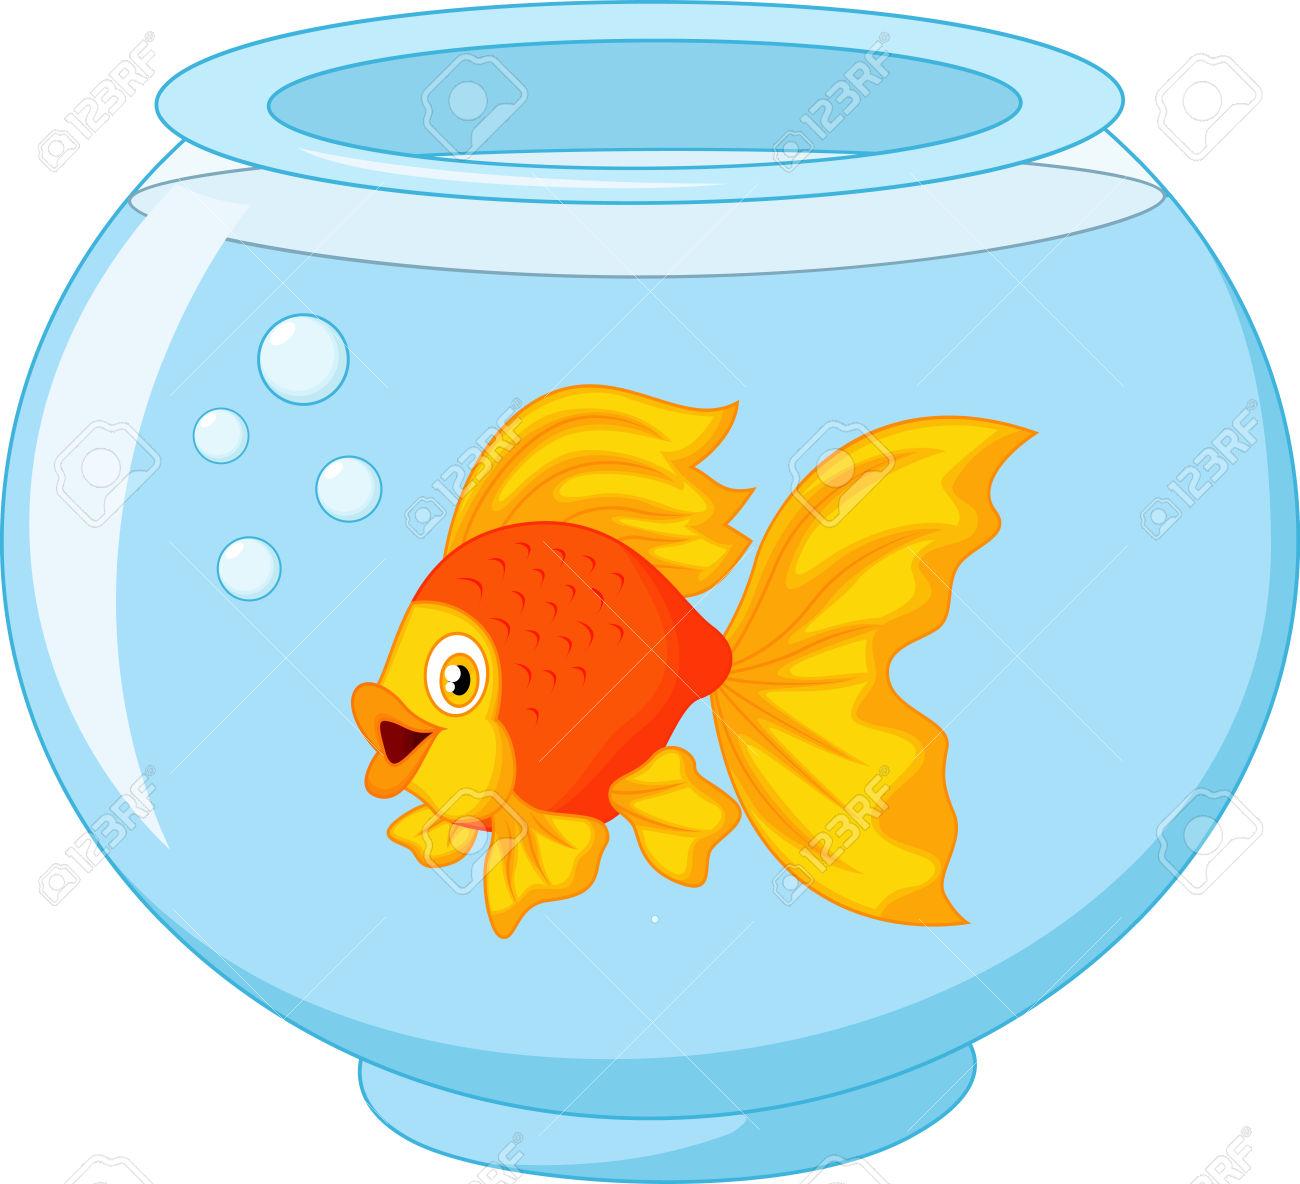 Pet clipart goldfish bowl Clip bowl Fish images collection